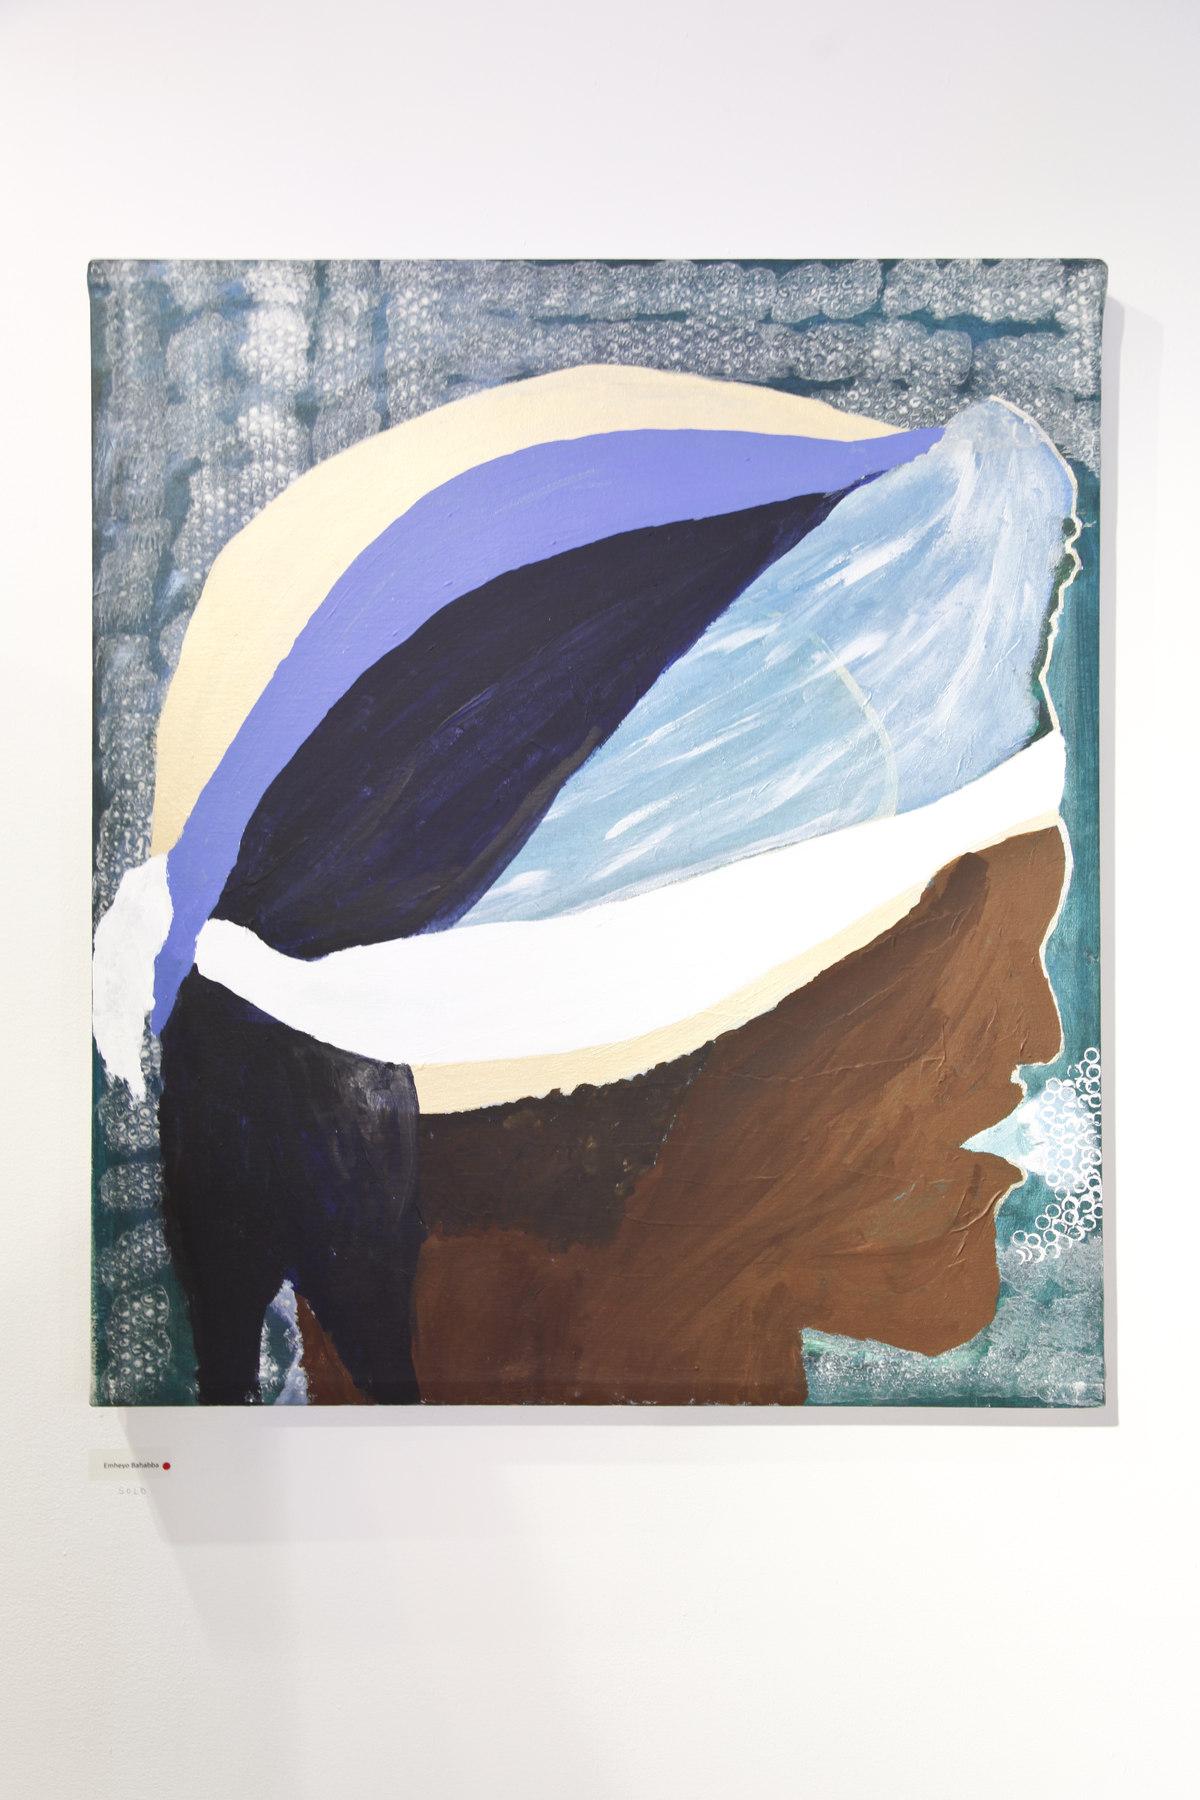 Emheyo Bahabba at White Columns 02